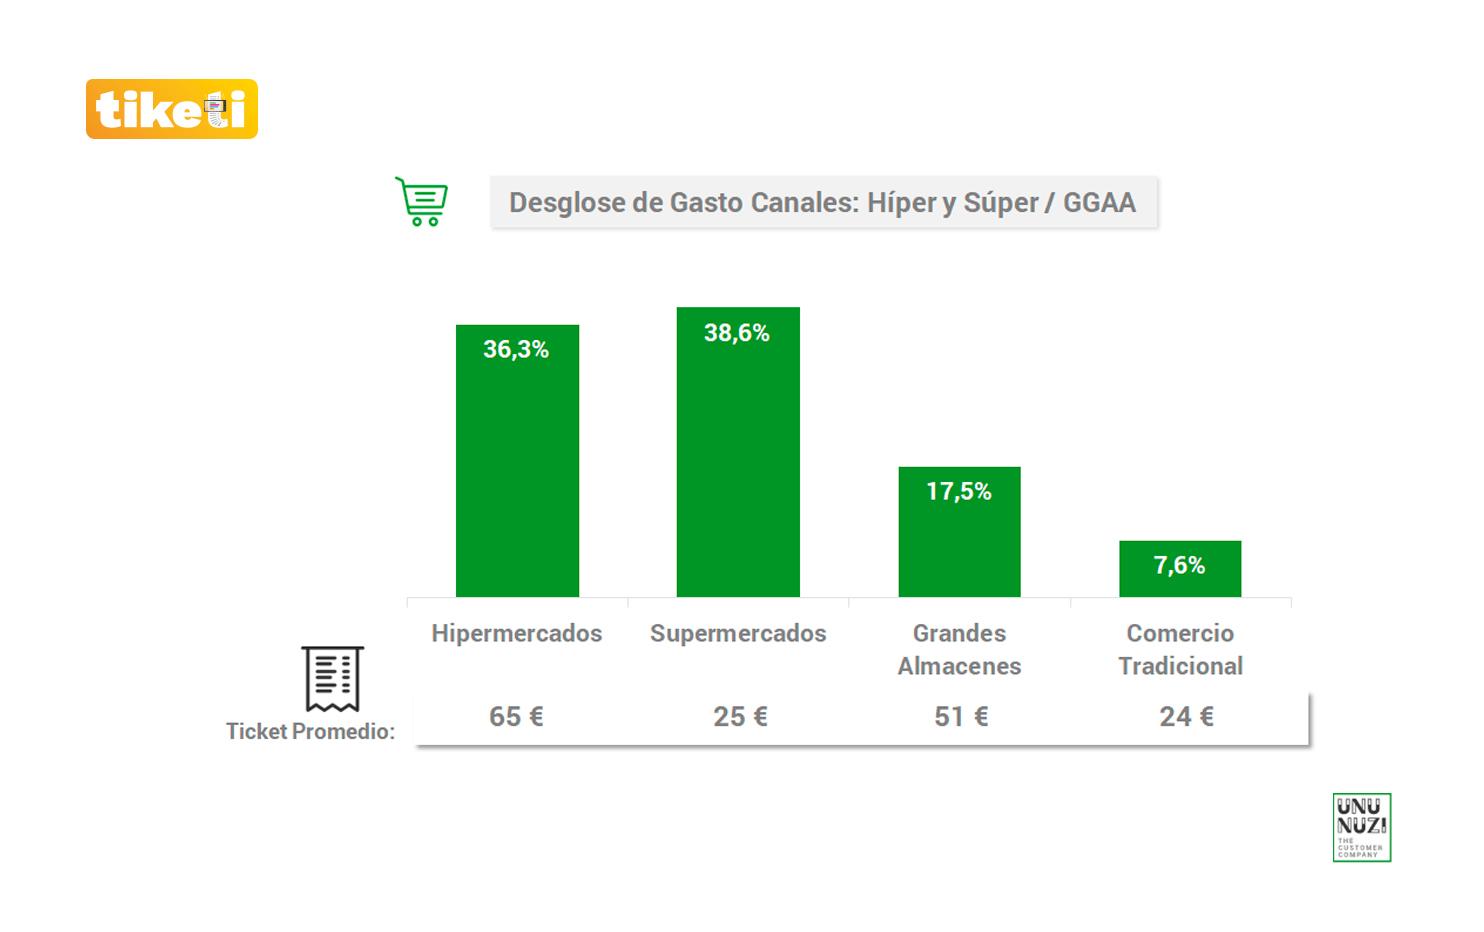 tiketi Insight Desglose de Gasto Canales: Híper y Super / GGAA